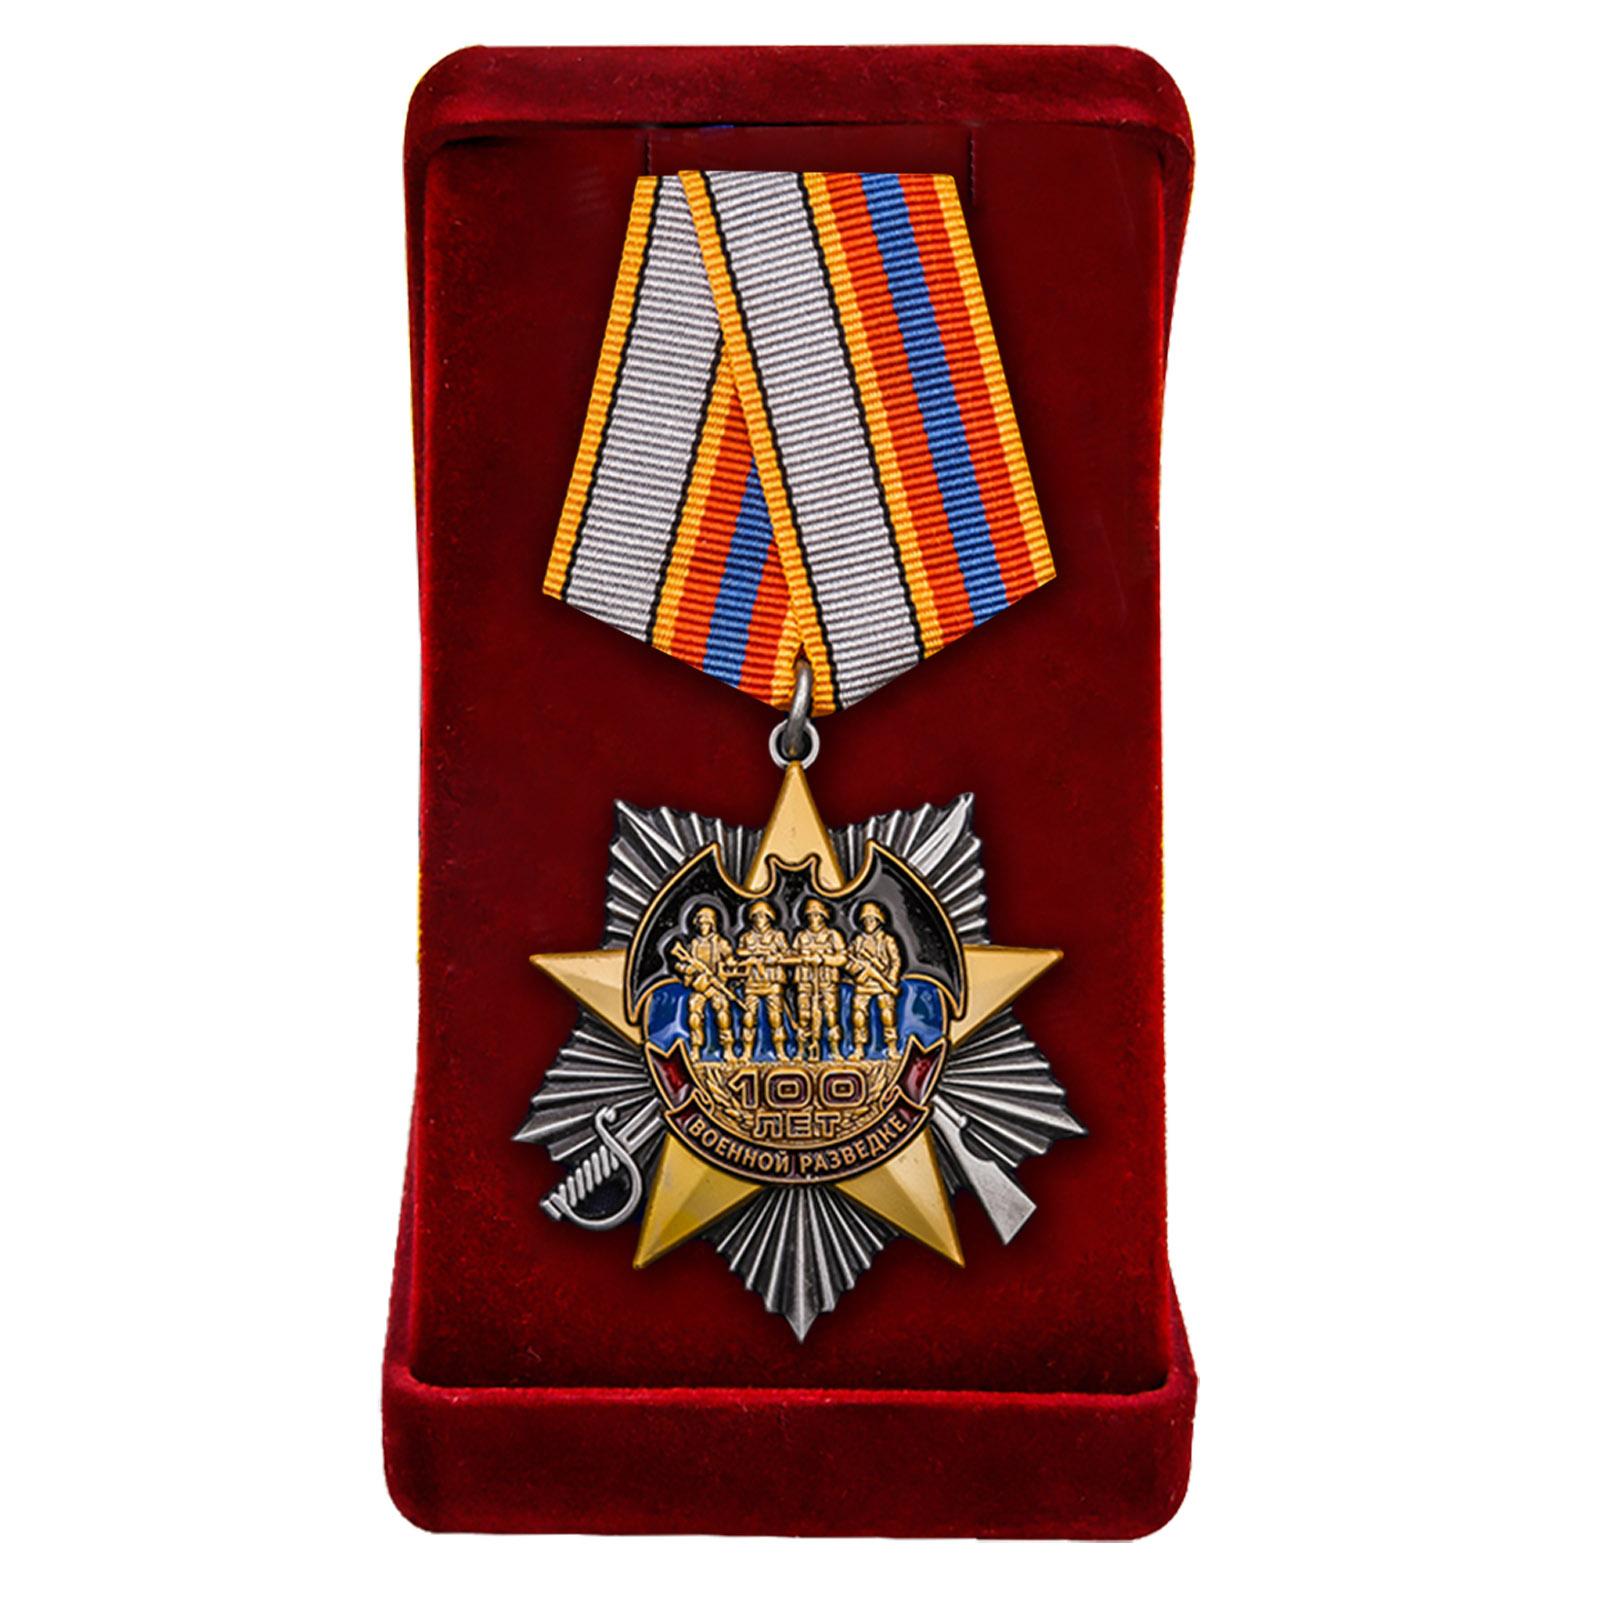 Юбилейный орден Военной разведки к 100-летию